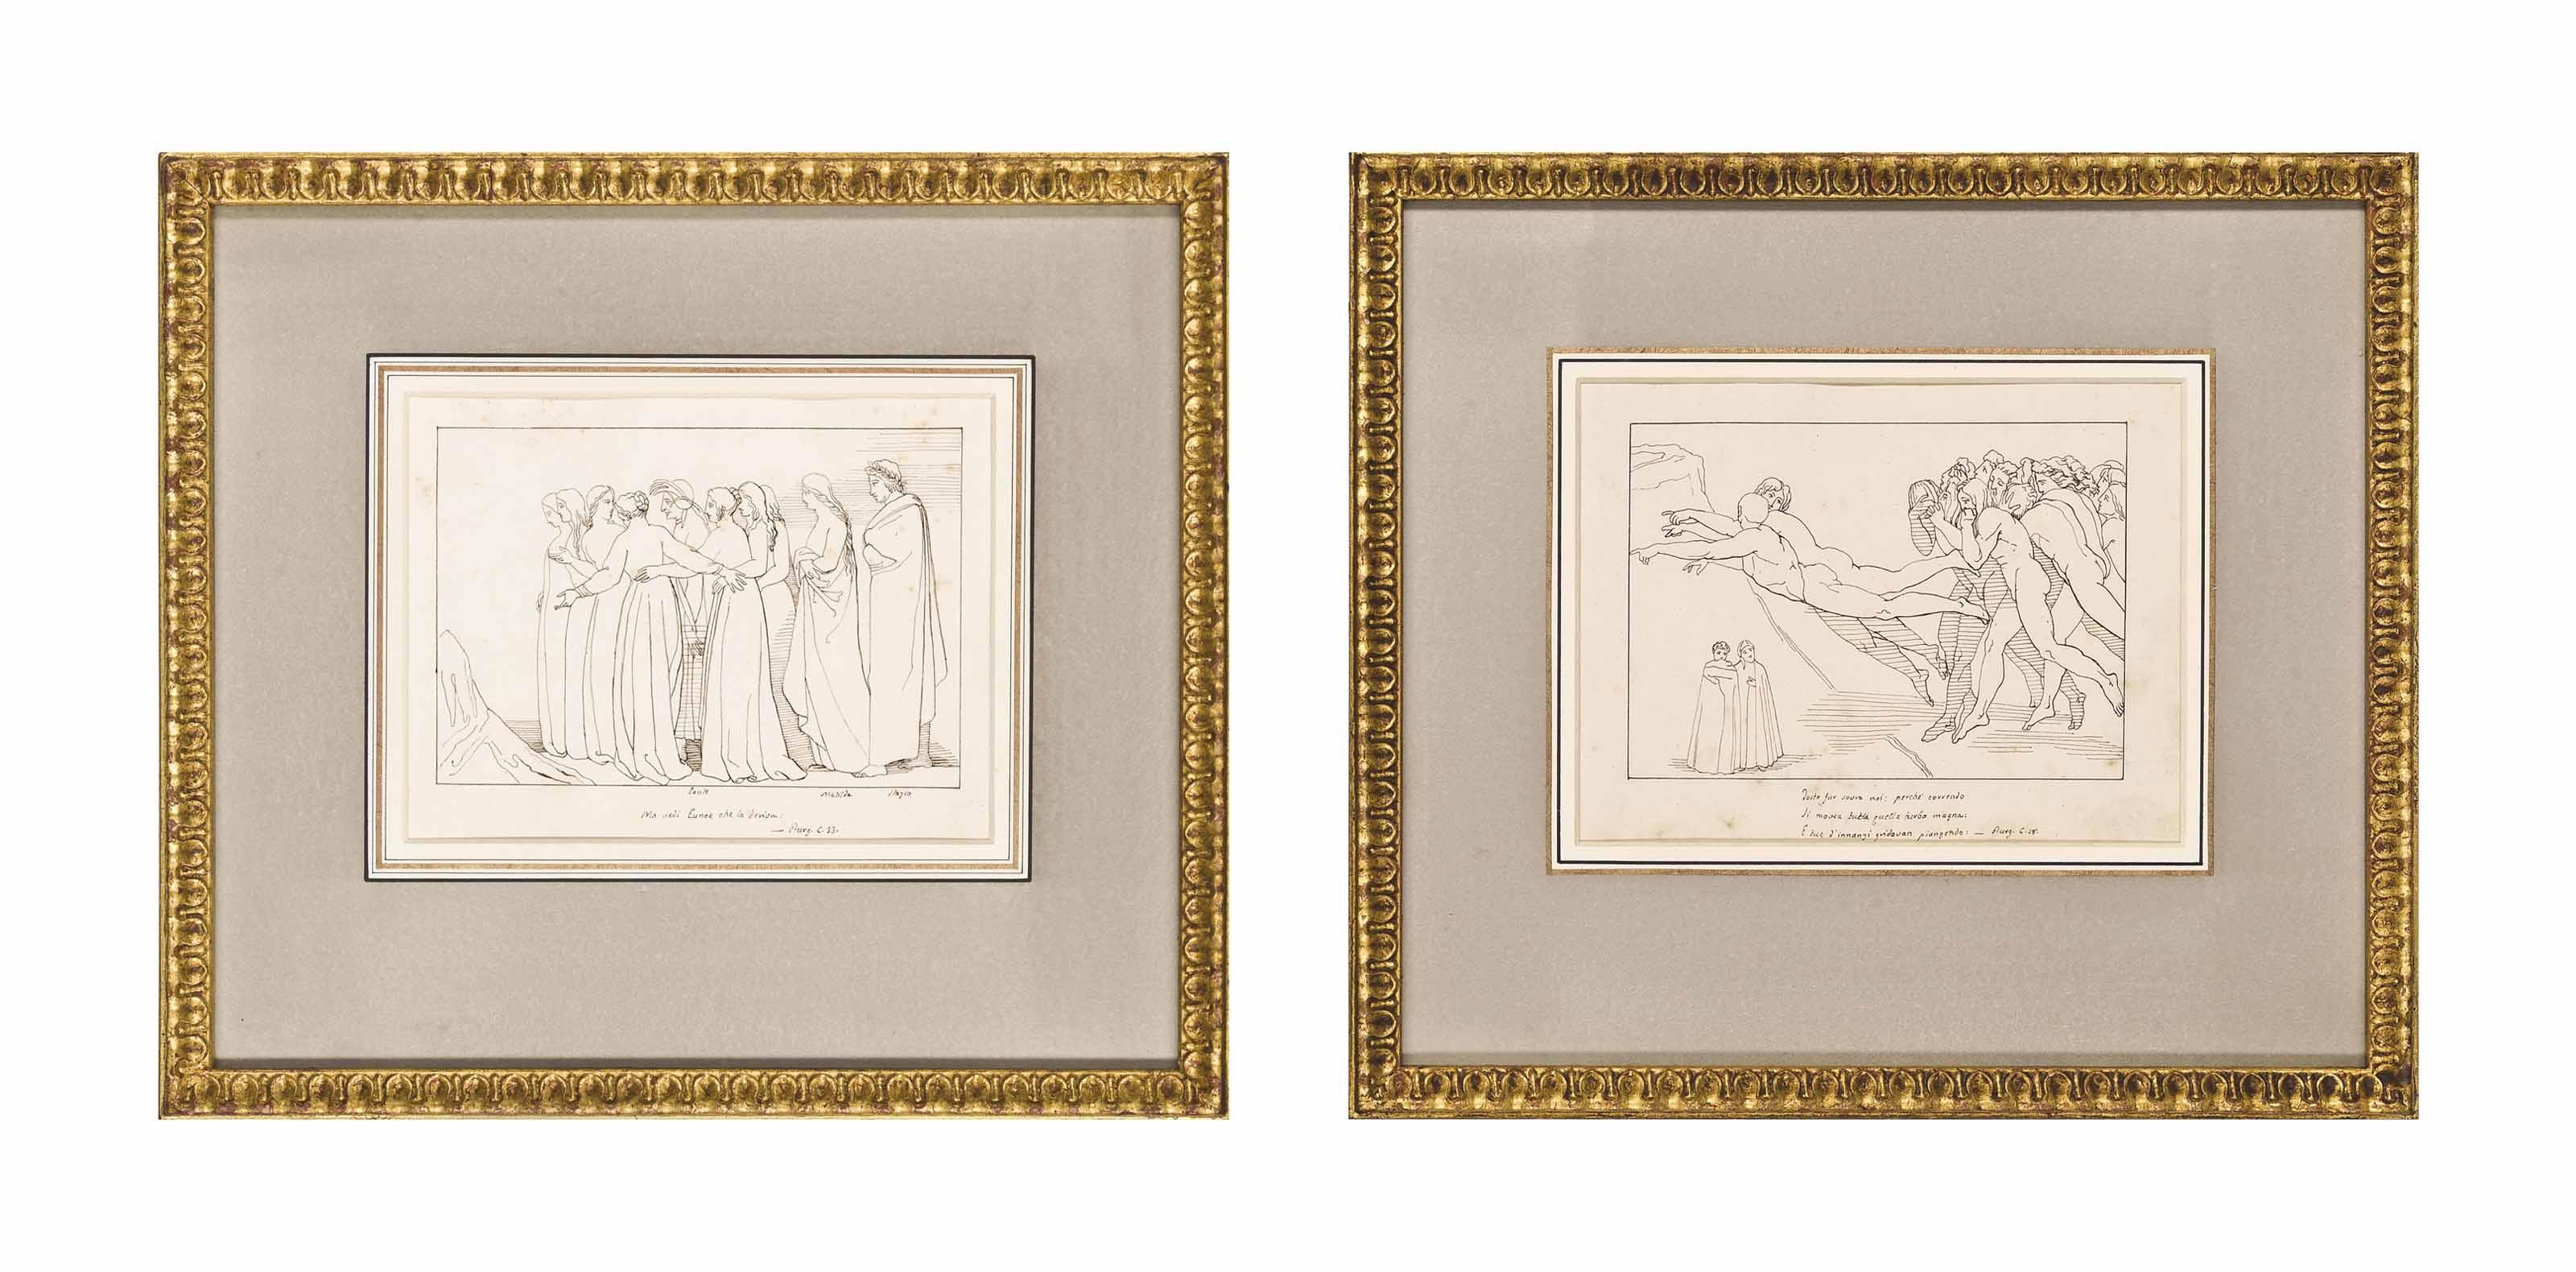 Illustrations to La Divinia Commedia di Dante Alighieri (two illustrated)